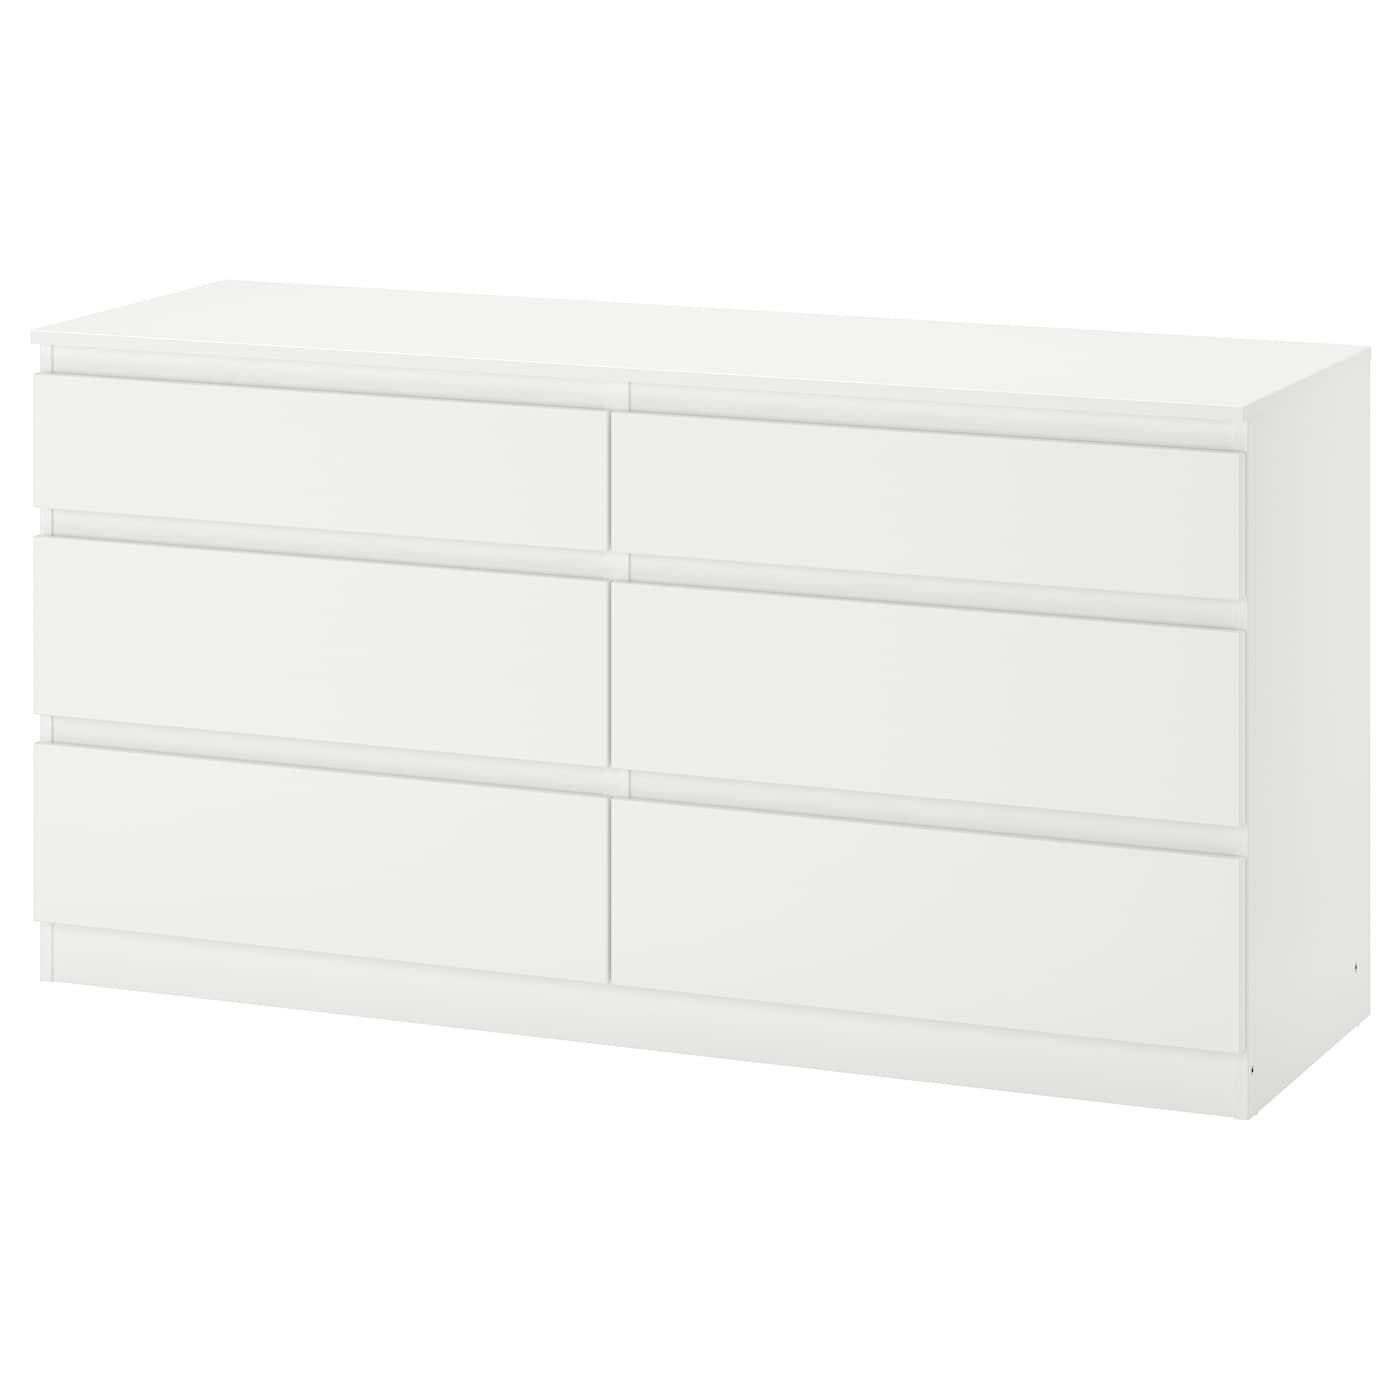 IKEA - KULLEN Ladekast met 6 lades - 140x72 cm - Wit